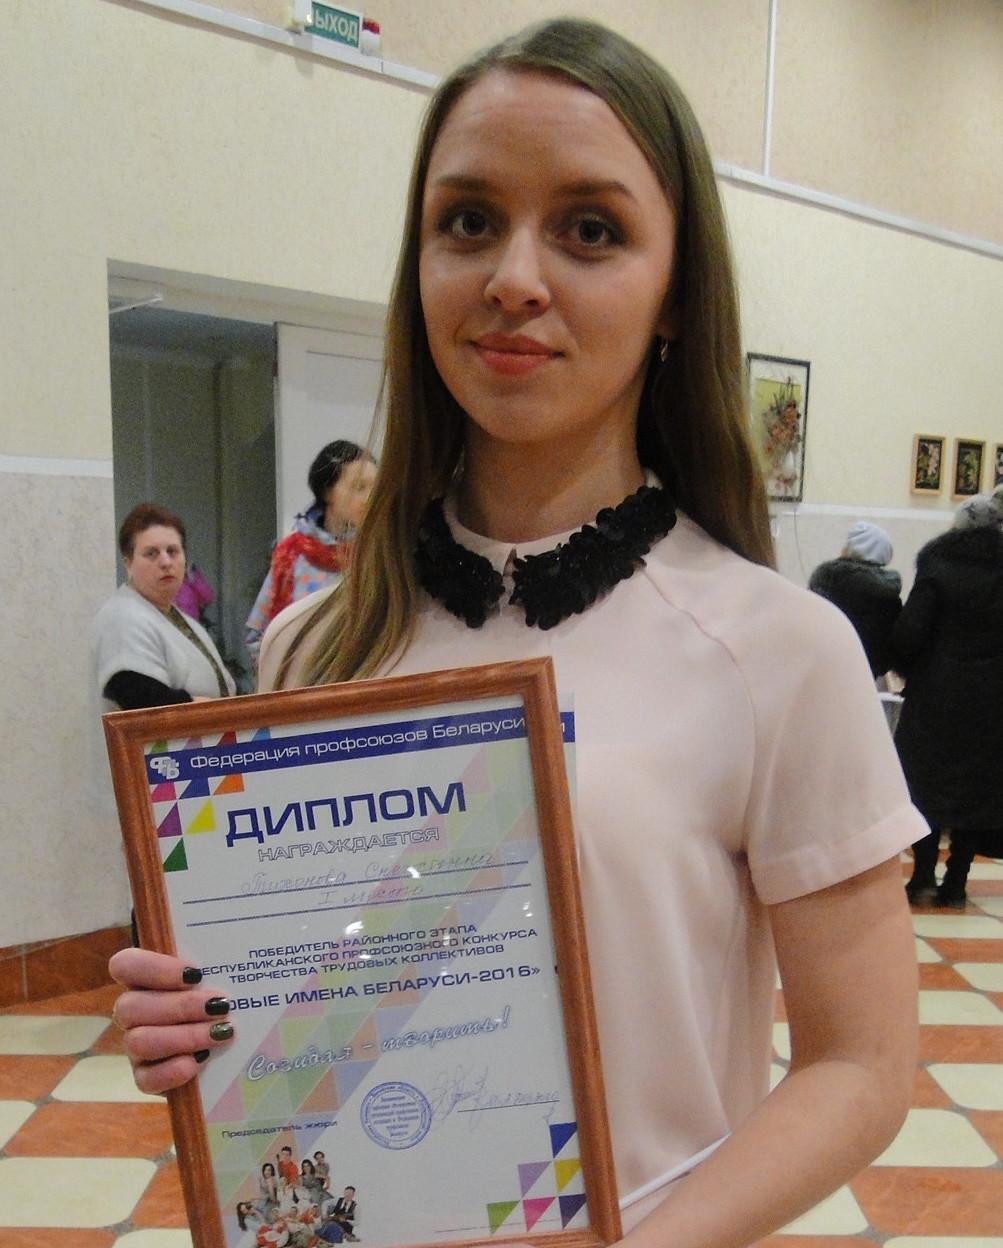 В Лиозно состоялся районный этап конкурса «Новые имена Беларуси-2016»